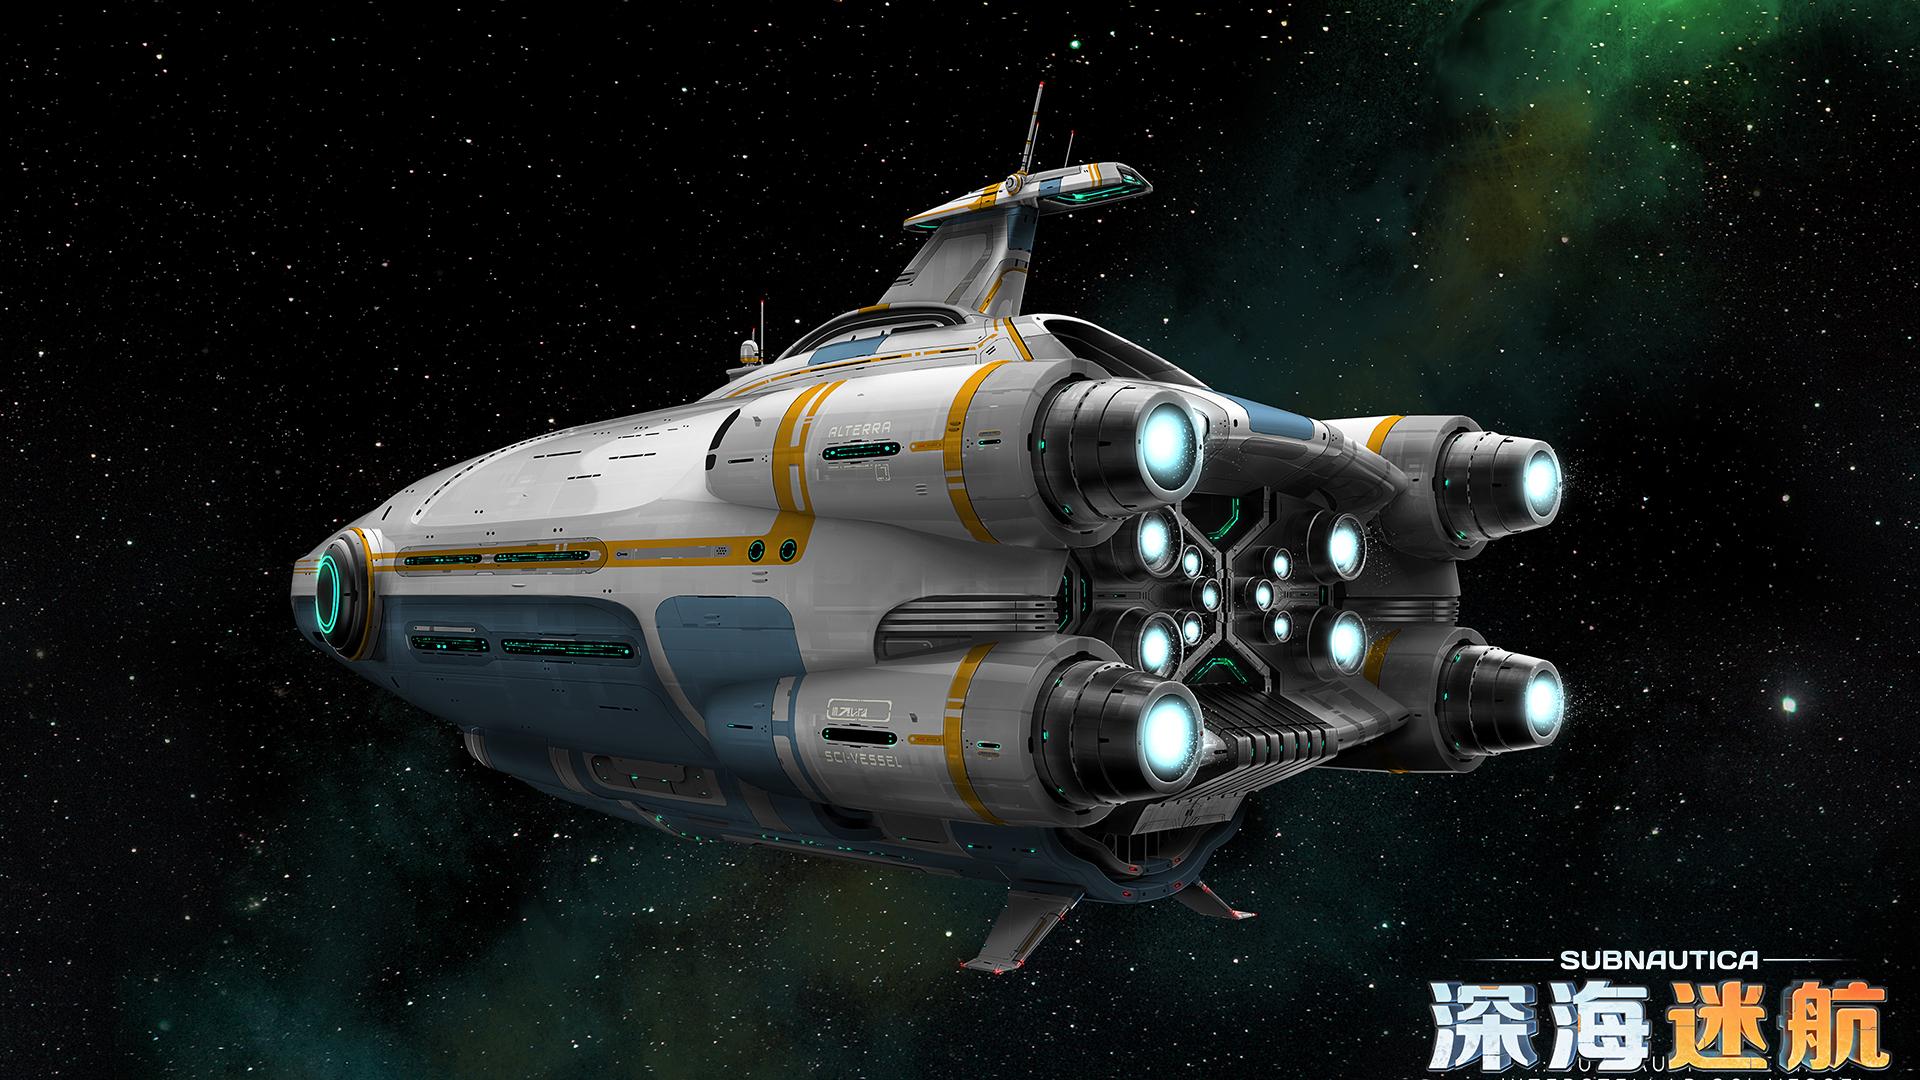 游戏资料 - 一人一船一世界 - 《深海迷航》官方网站